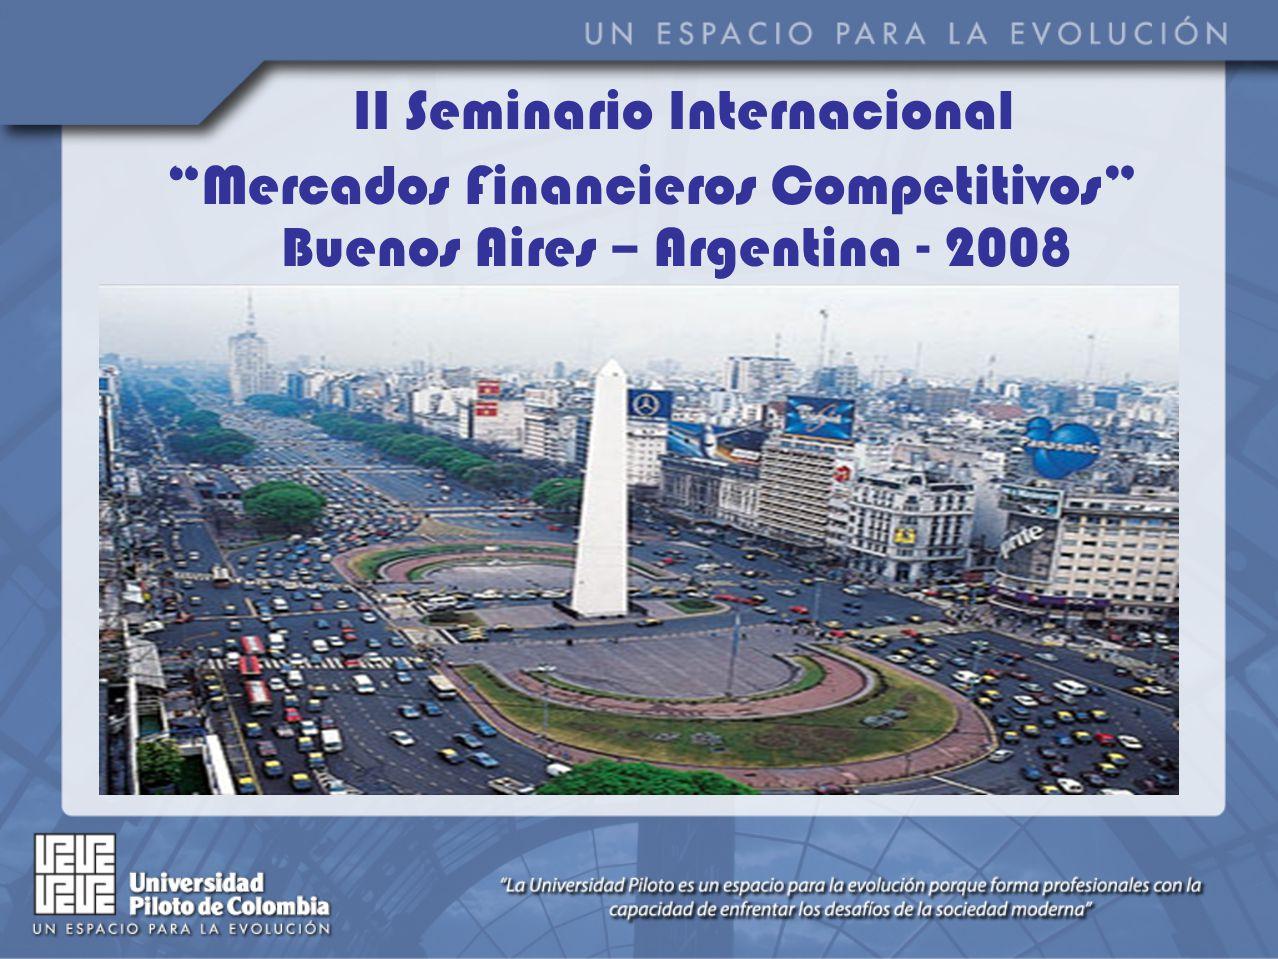 II Seminario Internacional Mercados Financieros Competitivos Buenos Aires – Argentina - 2008